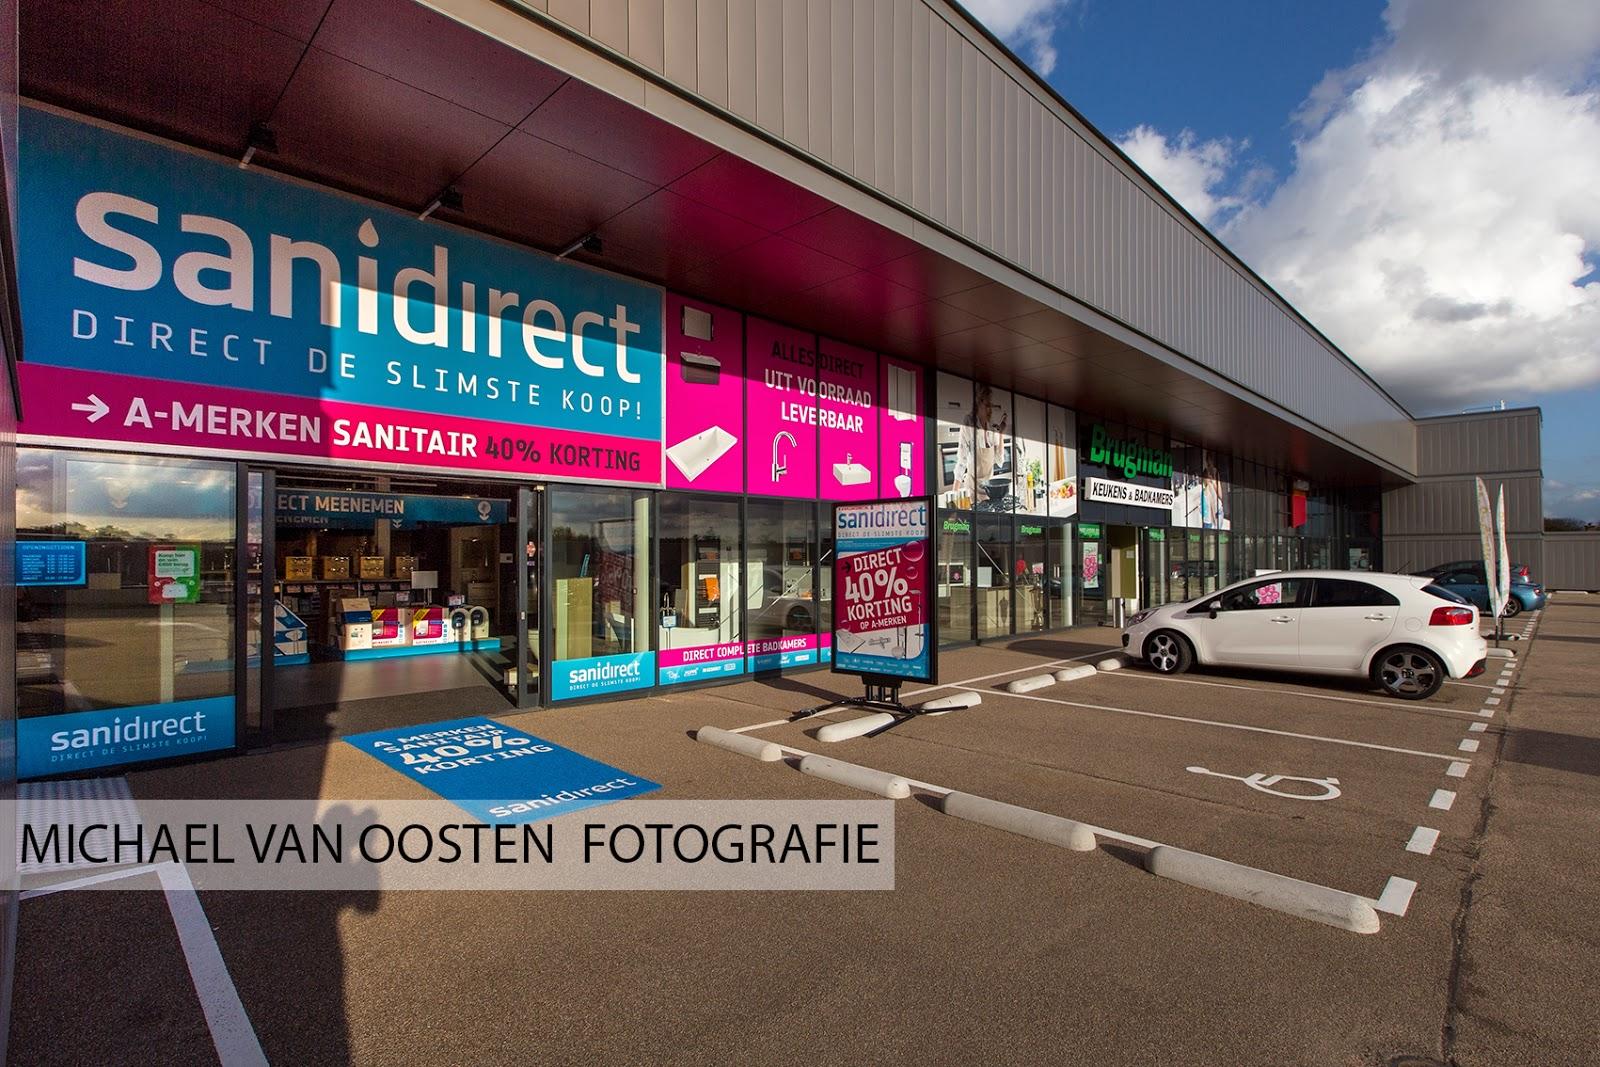 Geplaatst door fotograaf Michael van Oosten op 23:31 Geen opmerkingen: